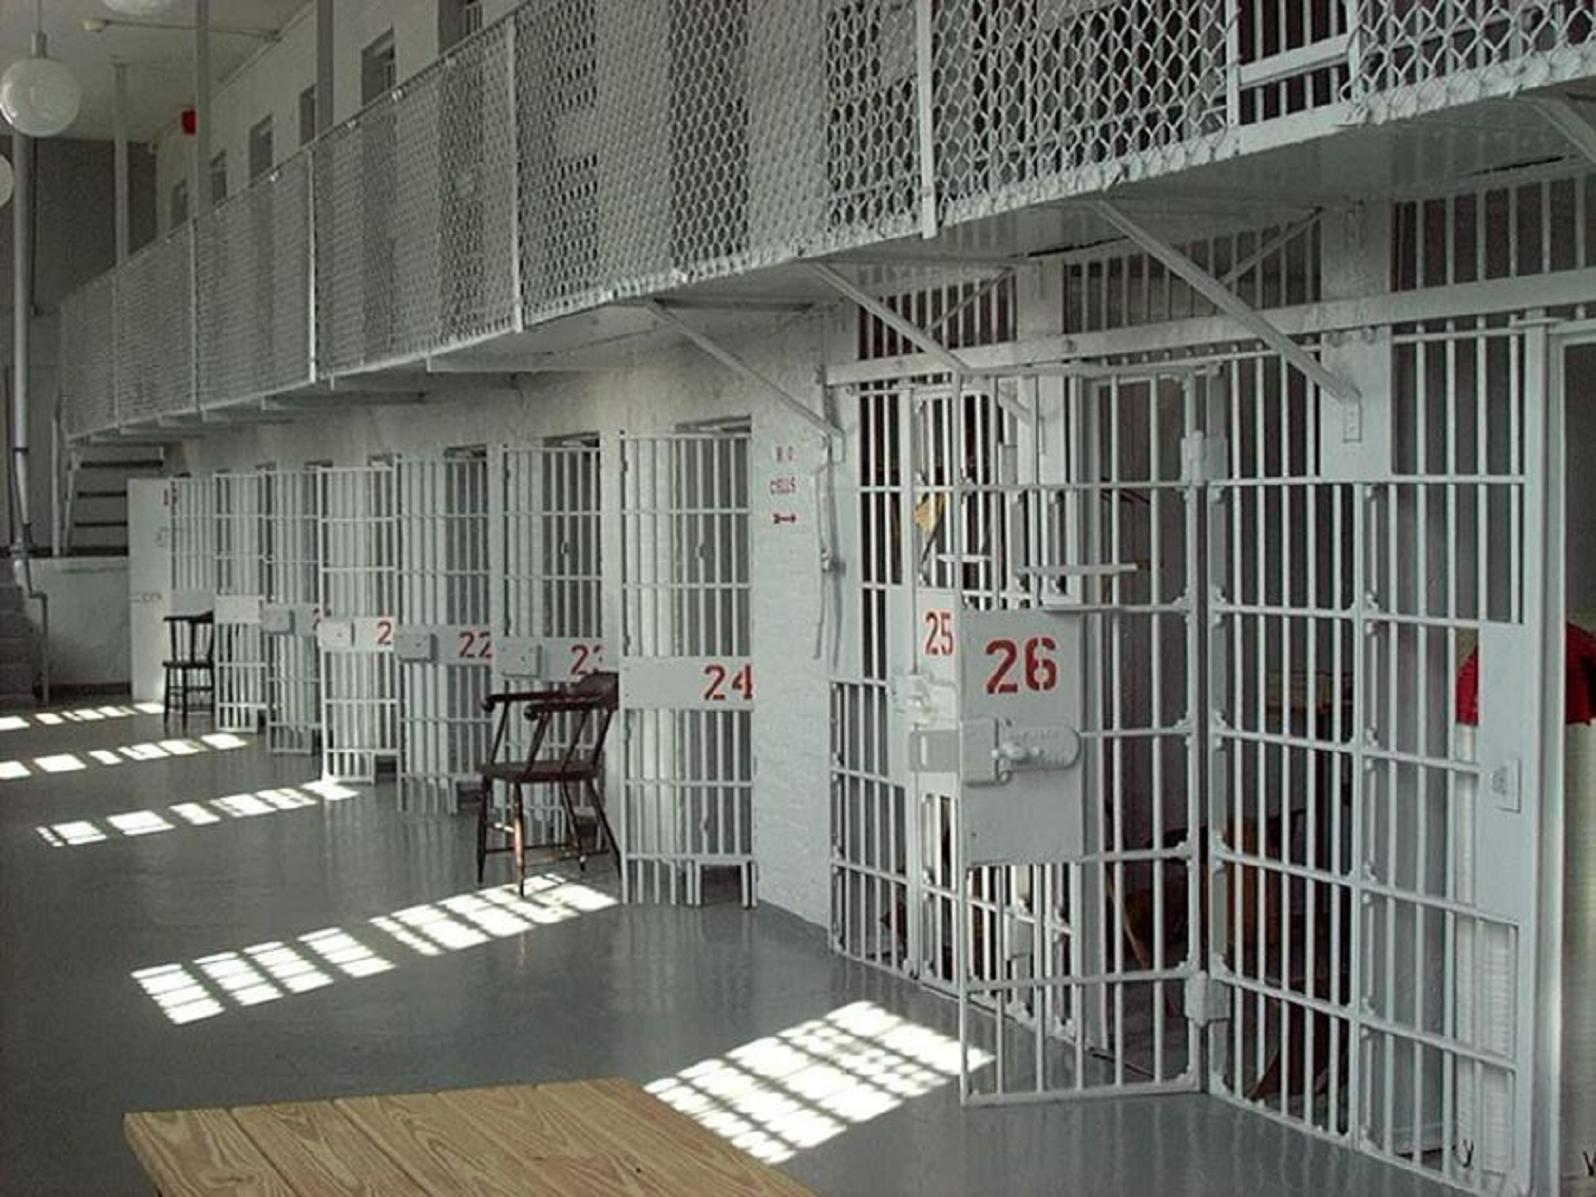 Καλλίτερα τὸ ἔχουν νὰ φτιάχνουν φυλακές!!!2